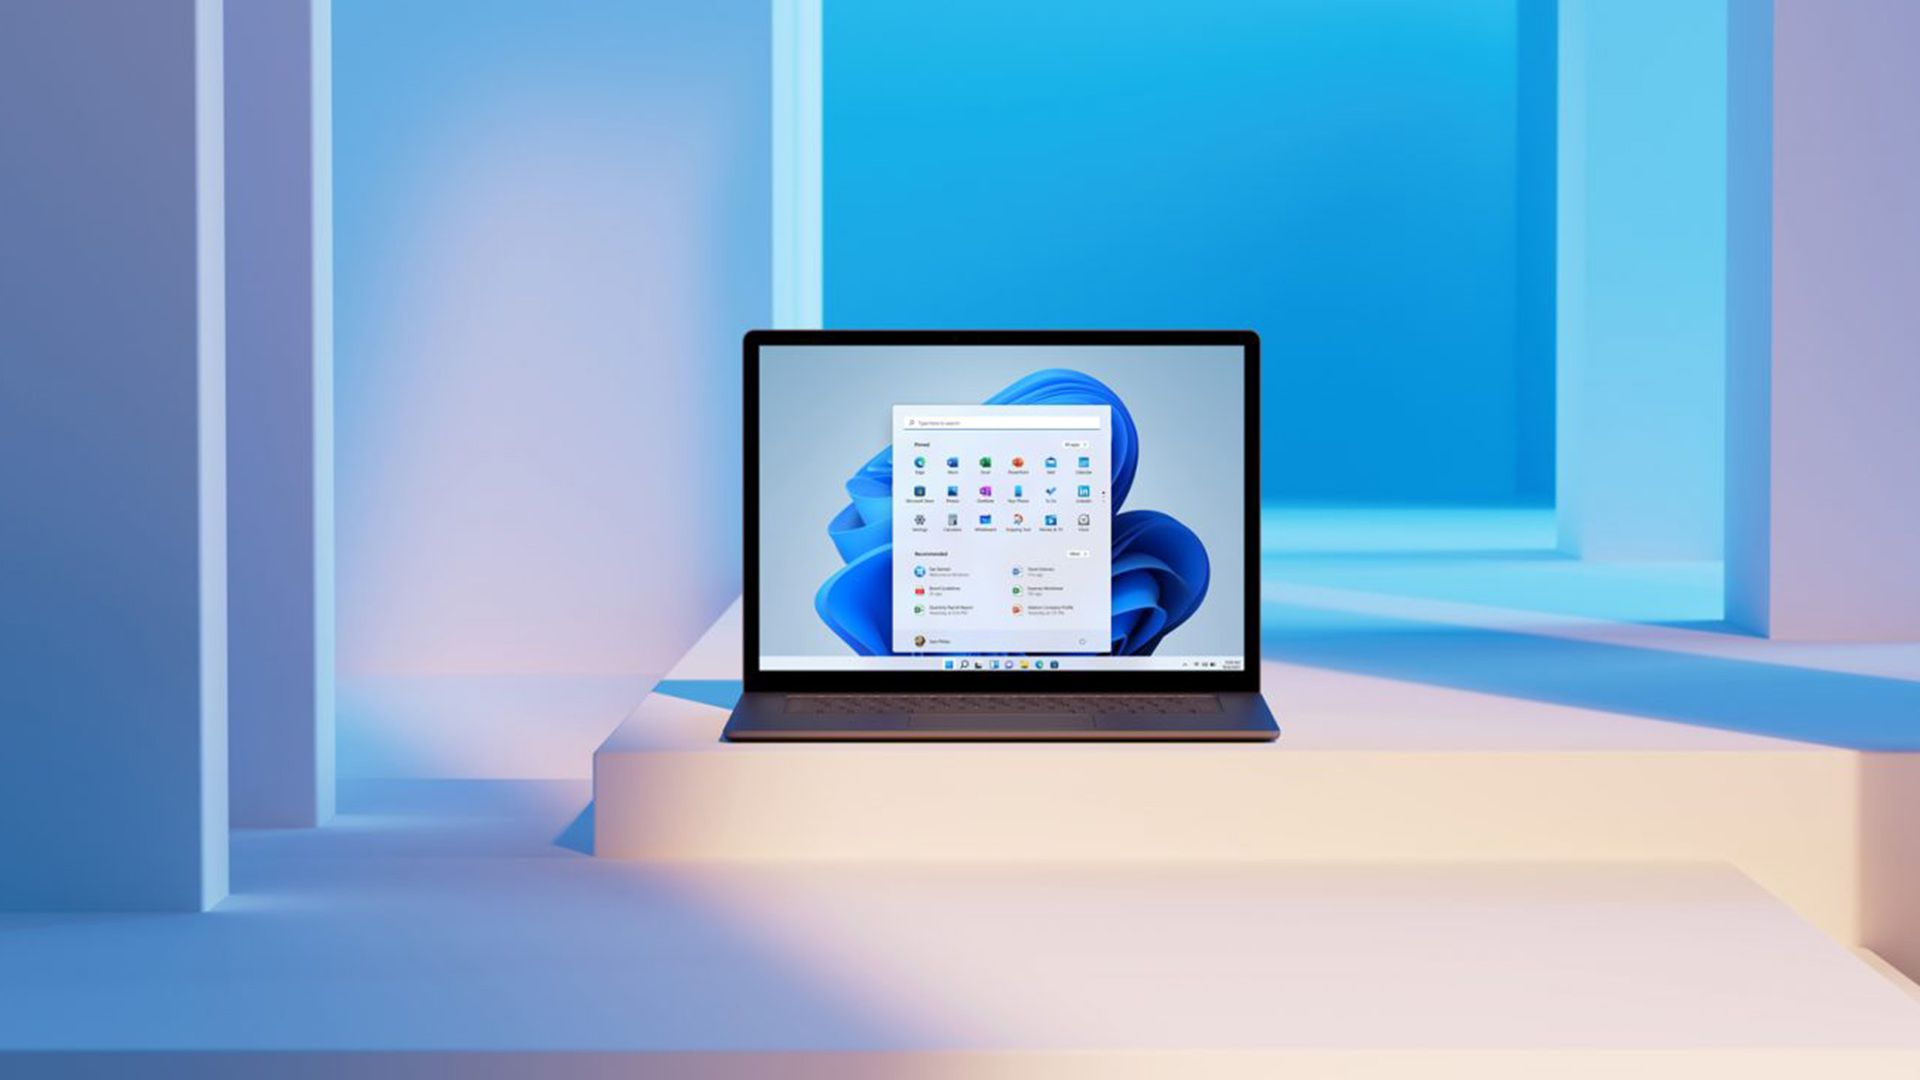 Windows 11 running on a laptop